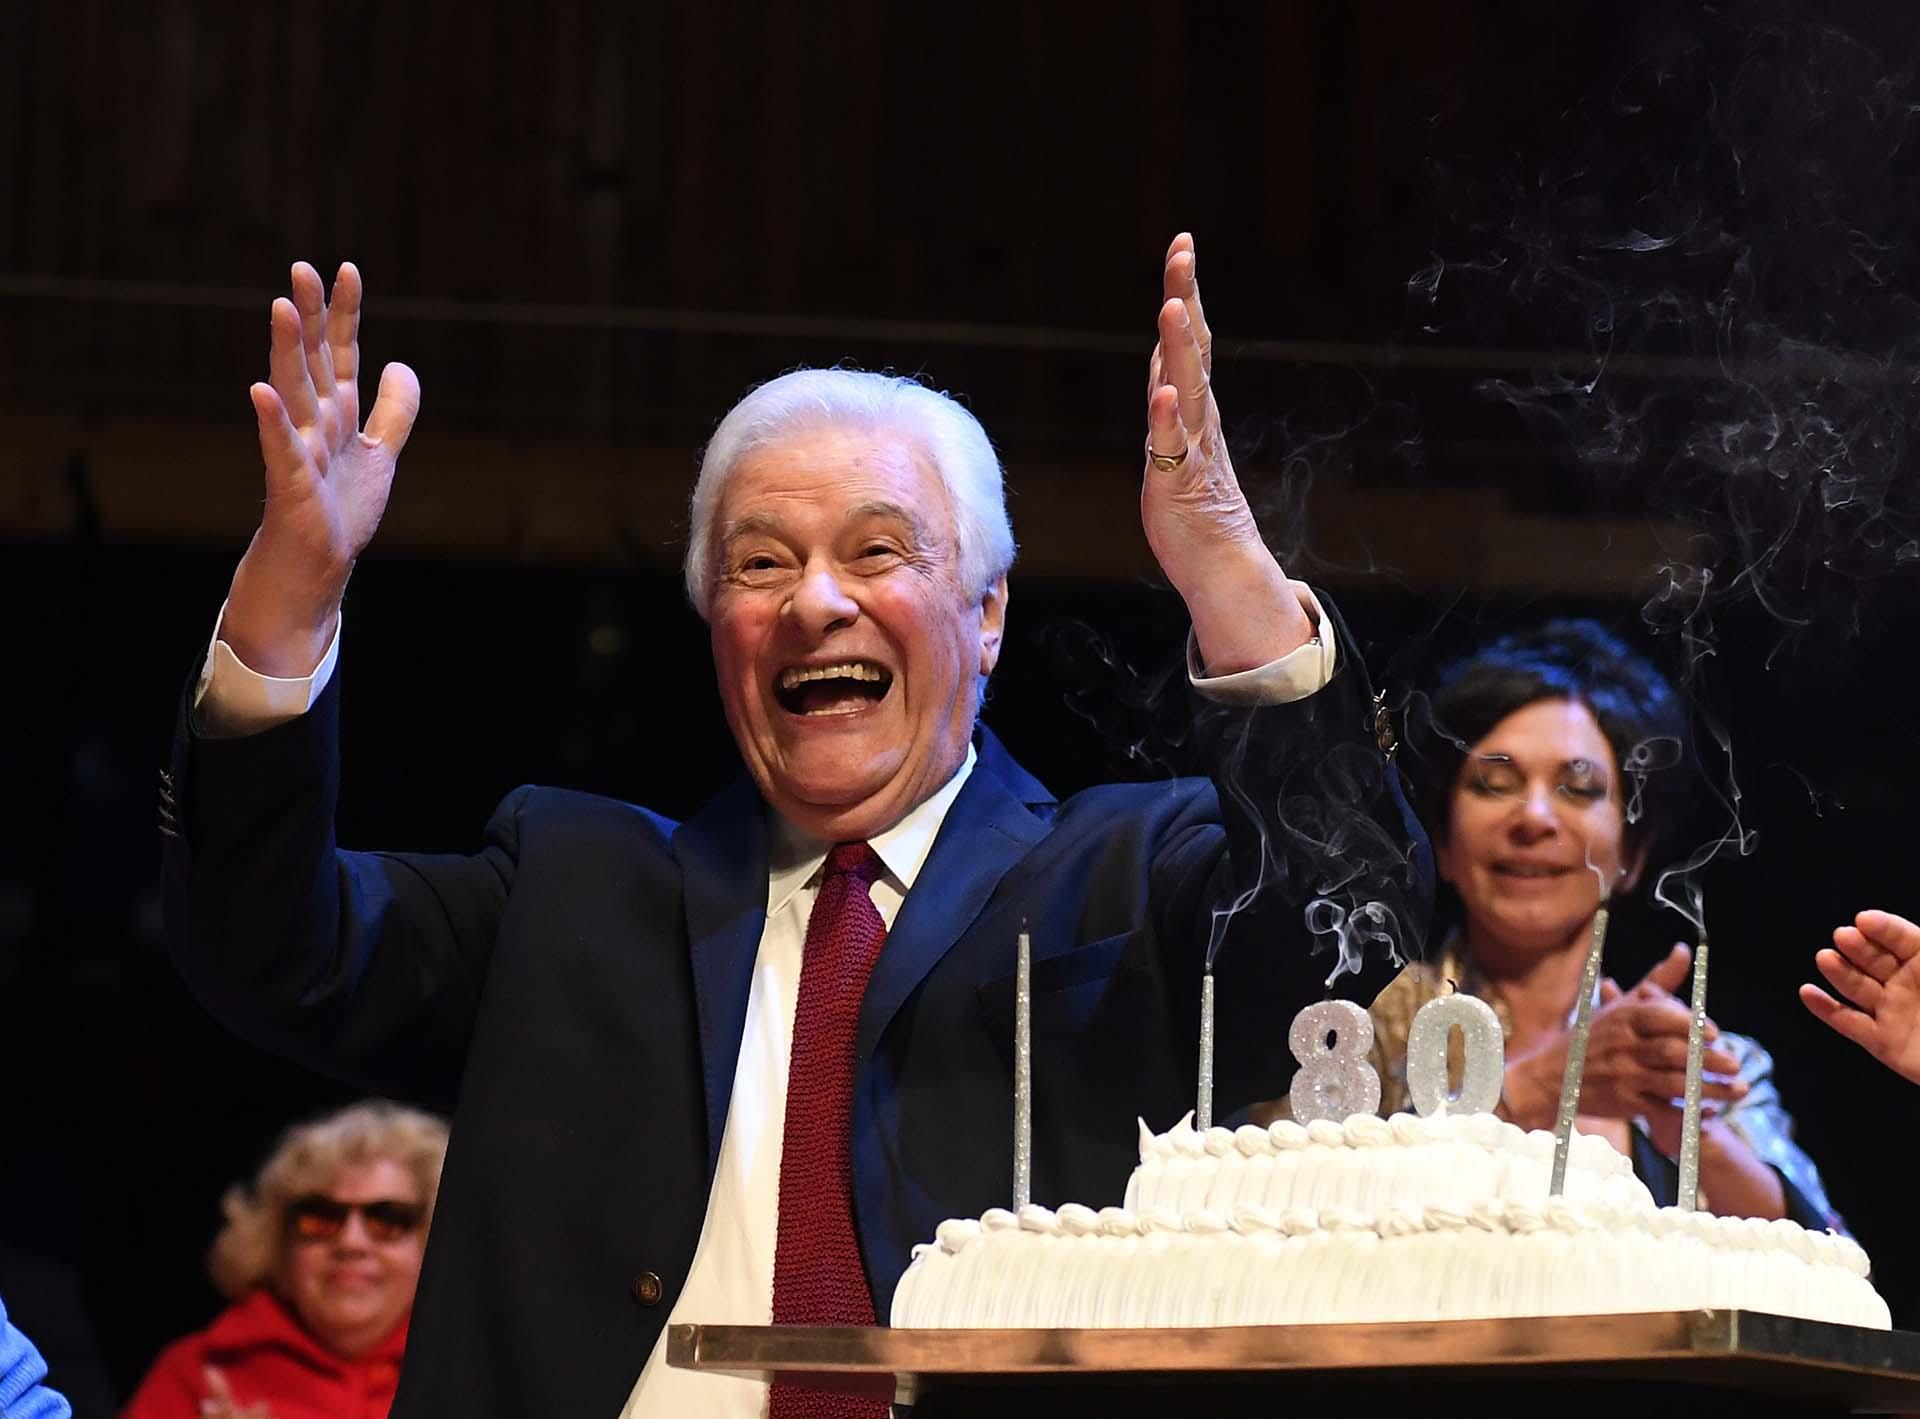 Héctor Larrea, ícono de la radiofonía argentina, festejó sus 80 años con una gran celebración en la Sala Sinfónica del CCK (Maximiliano Luna / Teleshow)